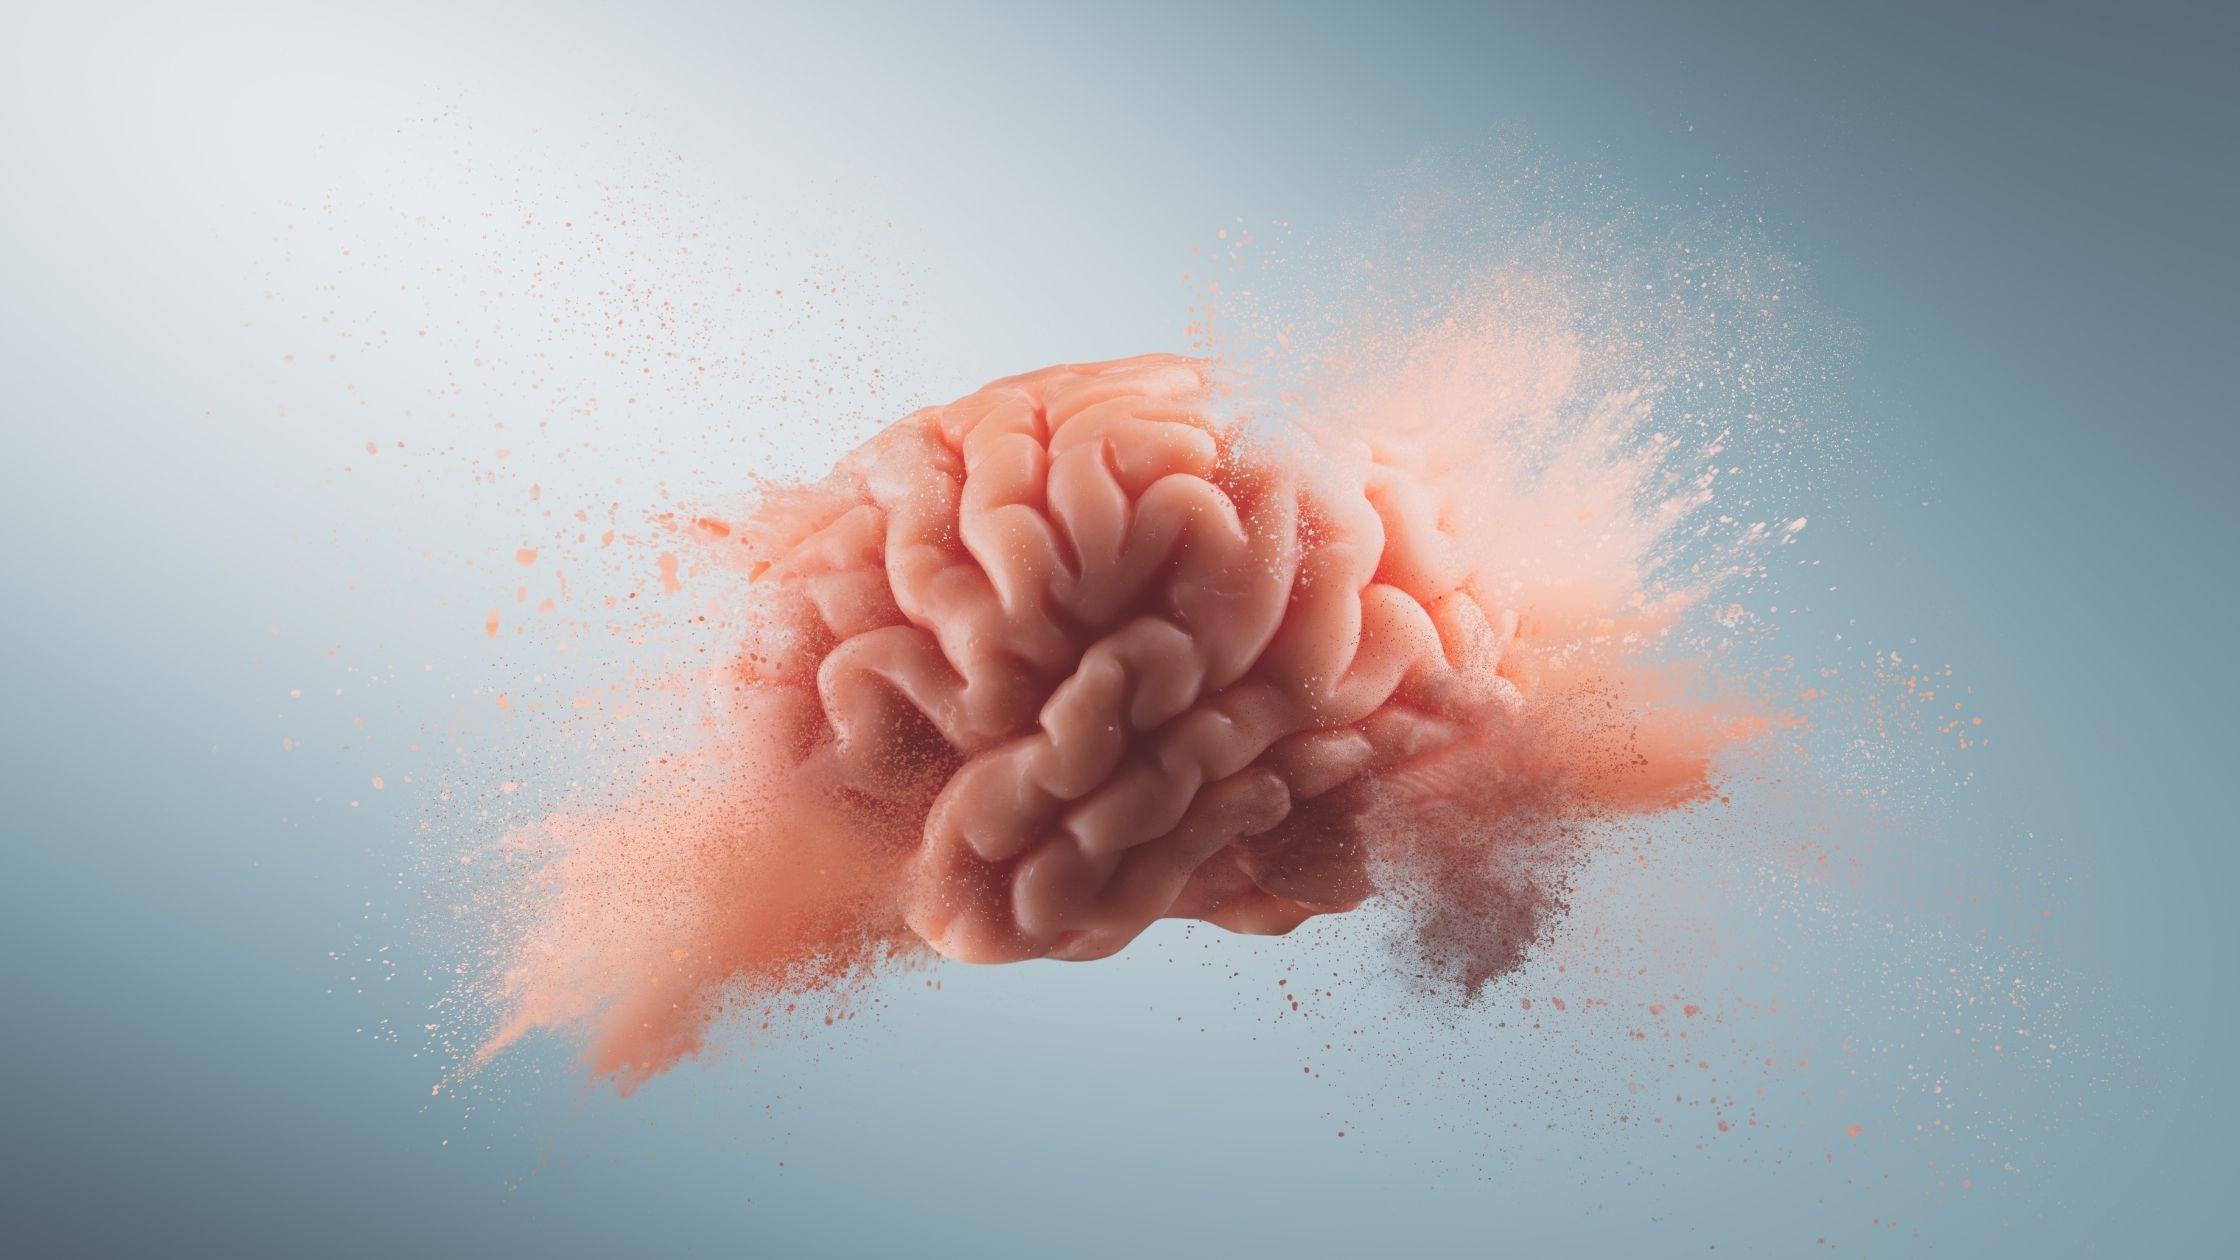 Potenzialità del cervello umano: siamo davvero ciò che pensiamo di essere?